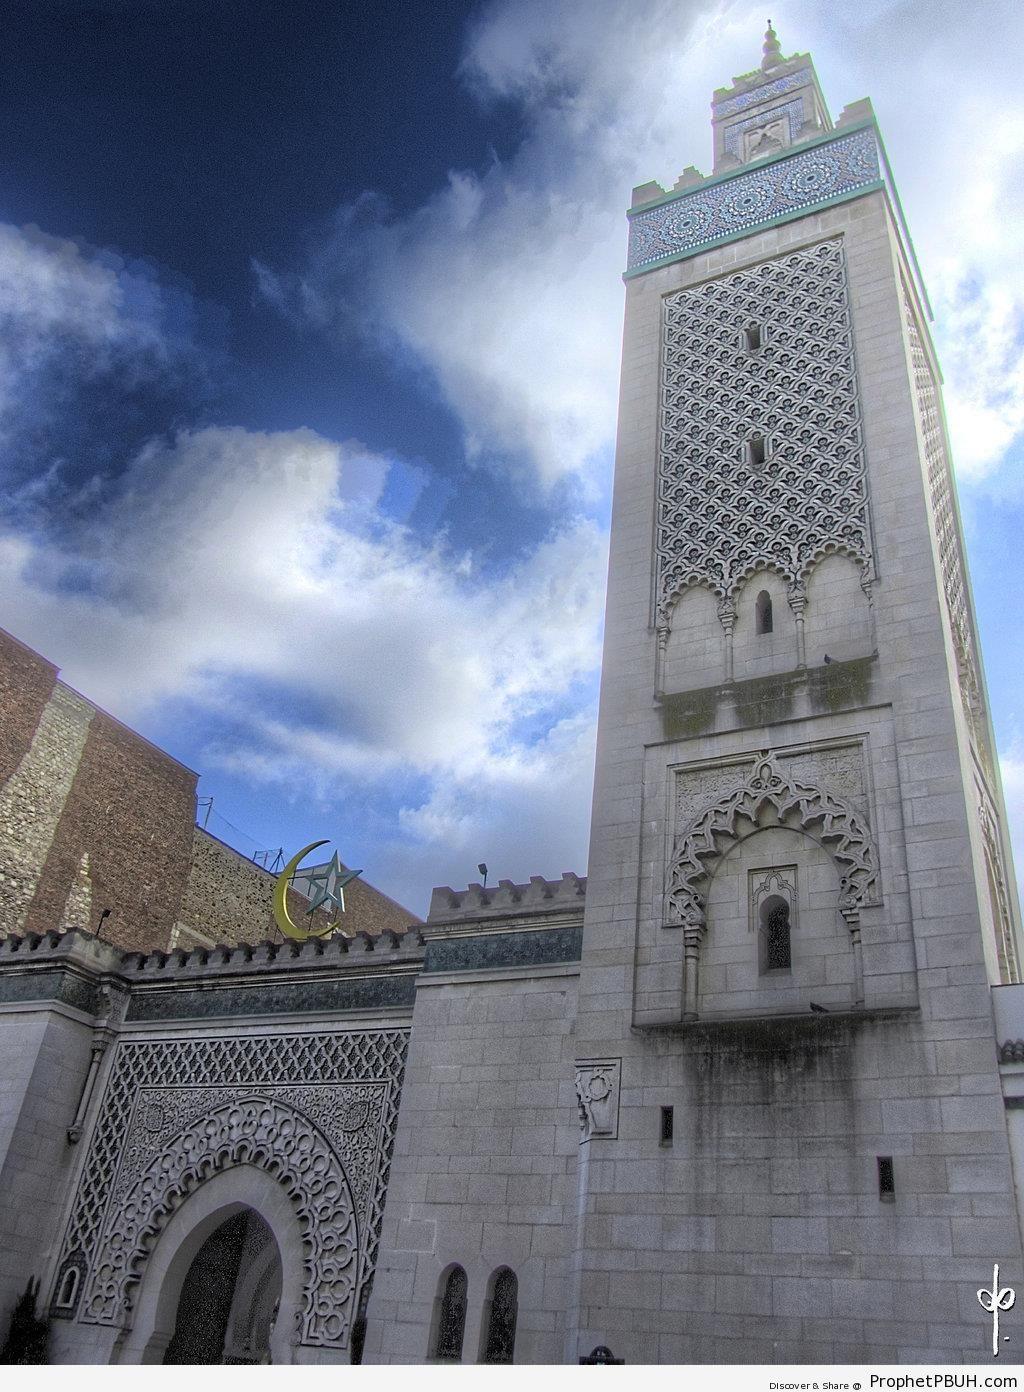 The Grande Mosquée de Paris (Great Mosque of Paris) in Paris, France - France -Picture